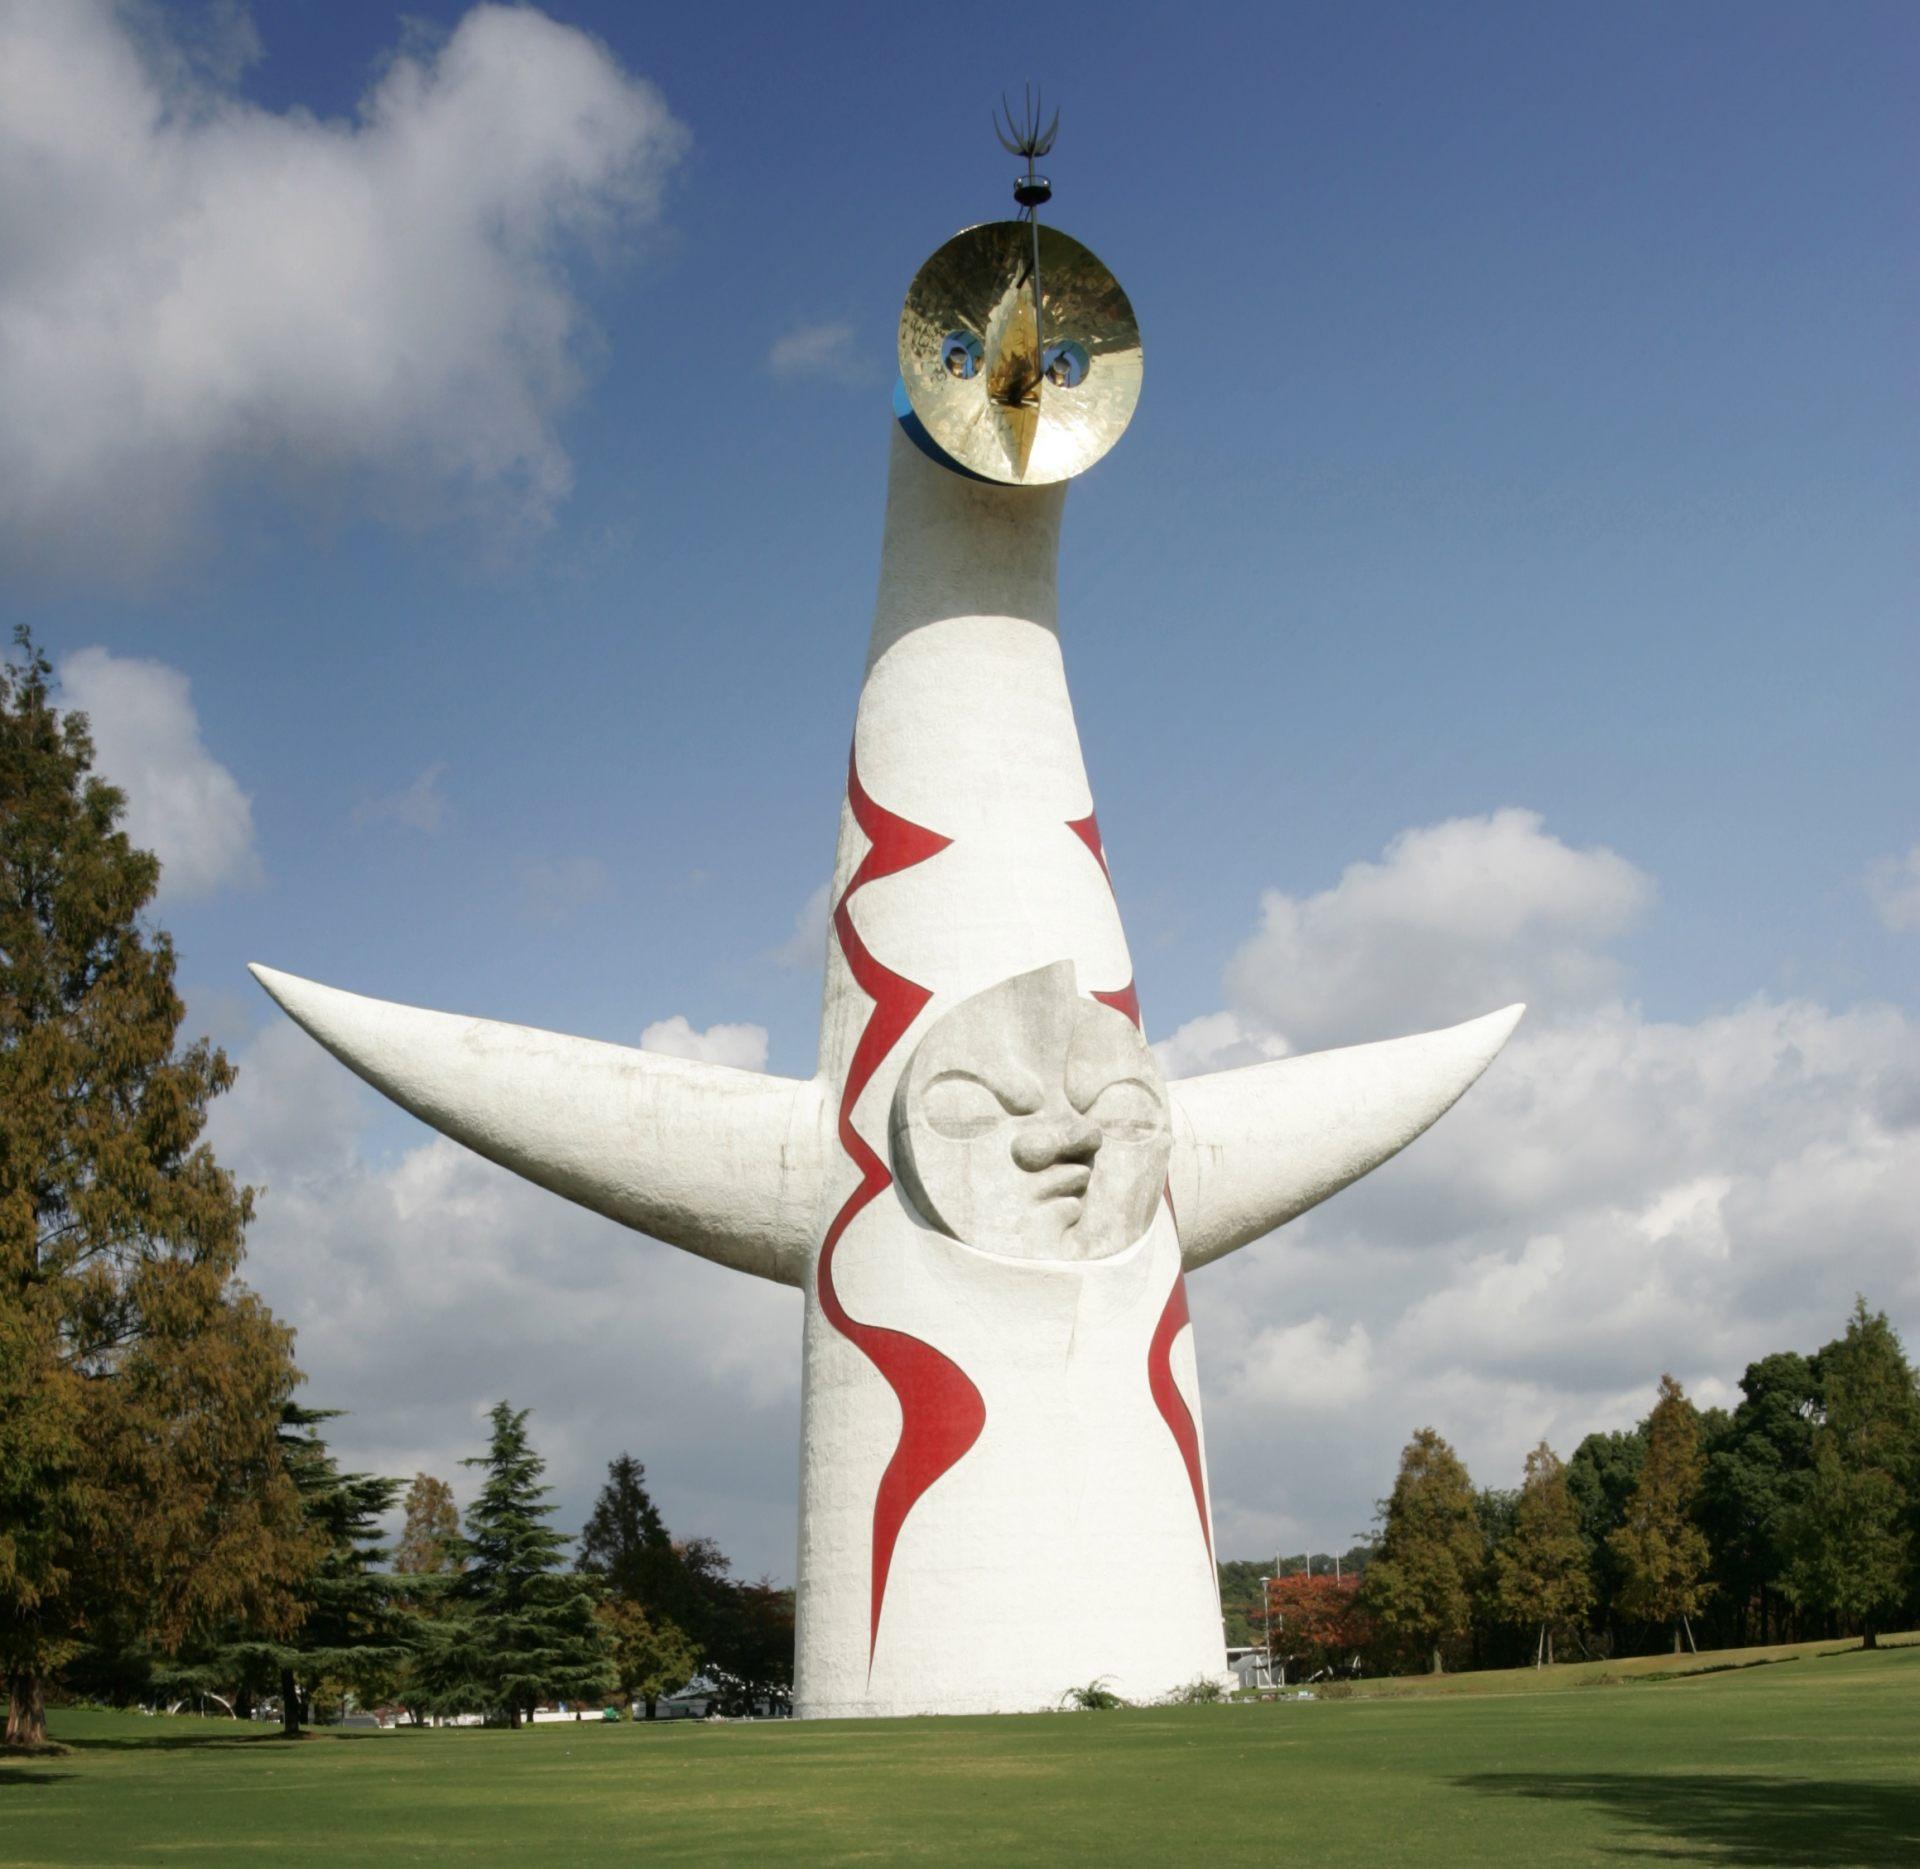 萬博記念公園的象徵 太陽之塔